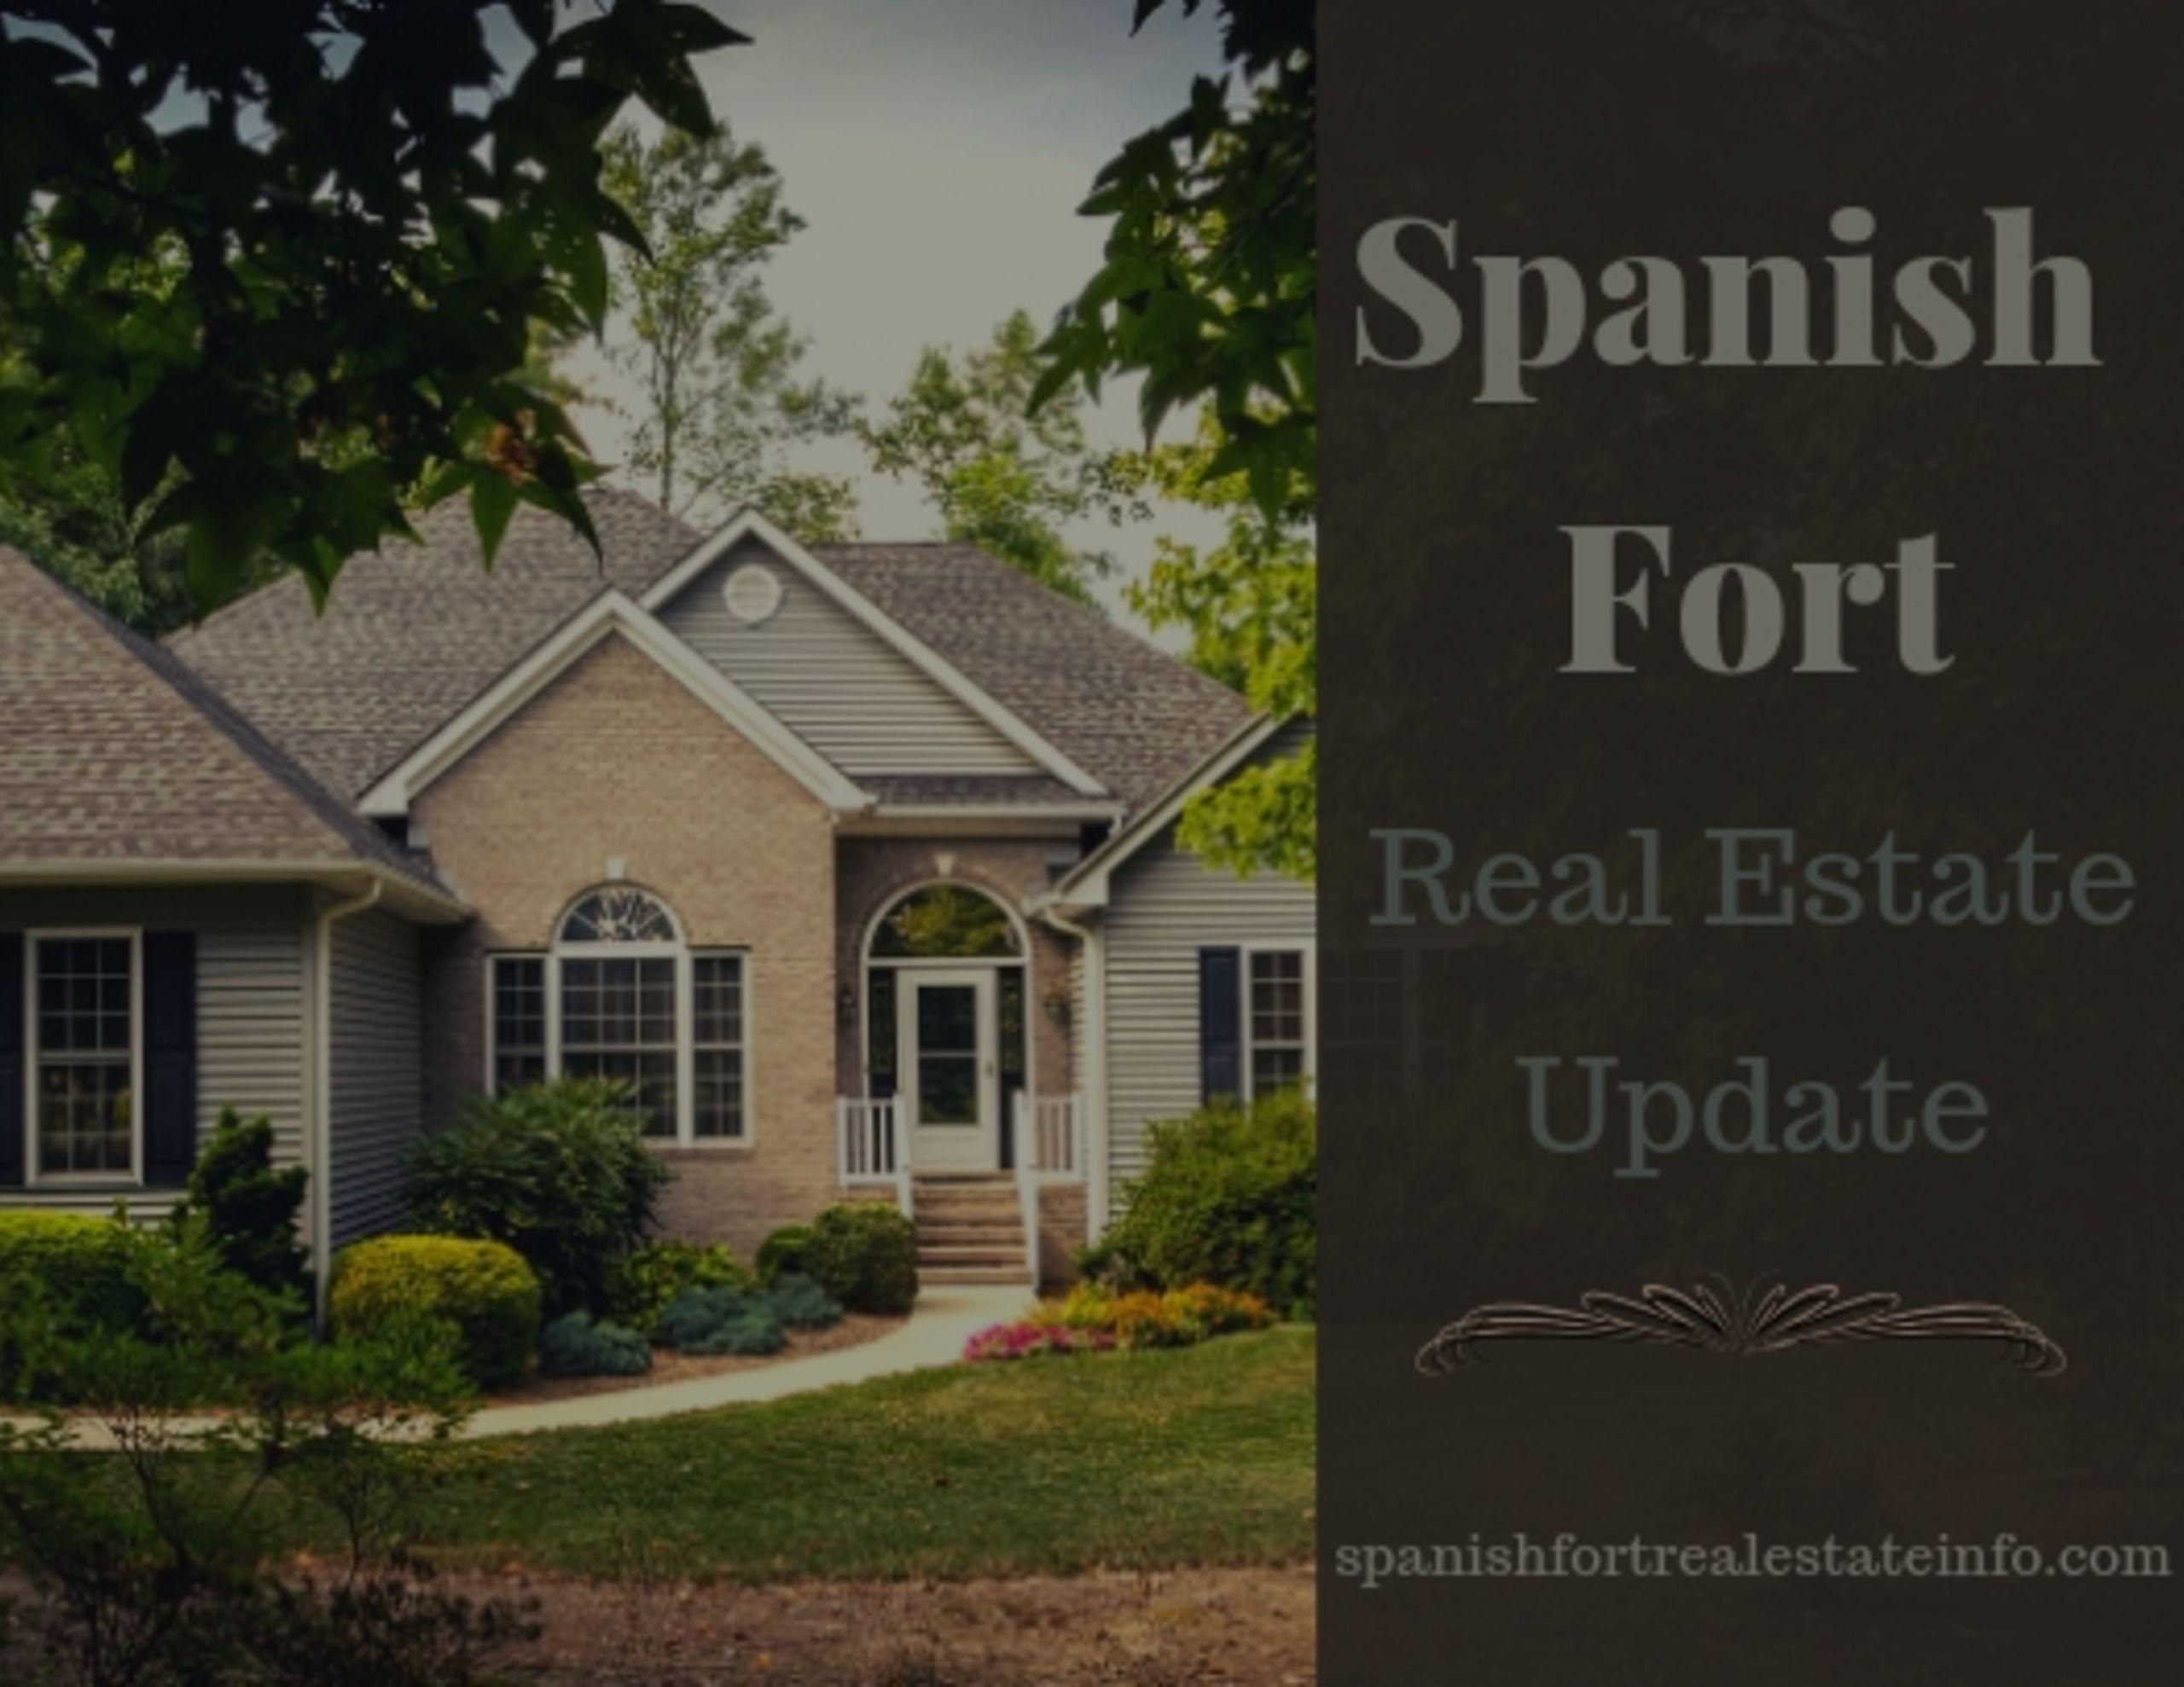 Spanish Fort Real Estate Update – September 2019